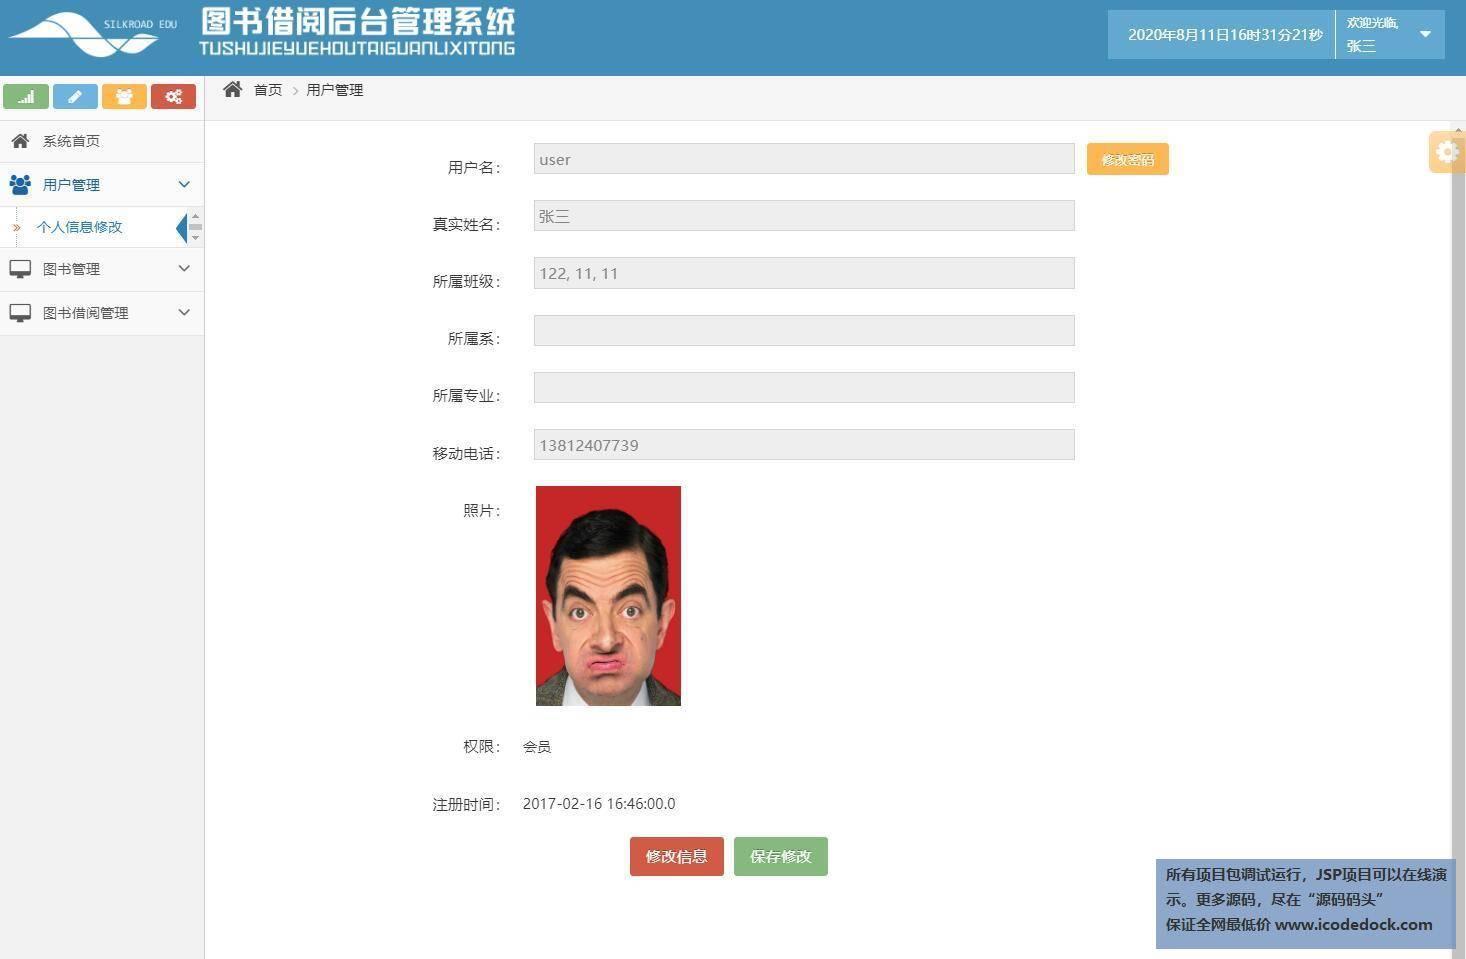 源码码头-SSH实现简单图书借阅管理系统-用户角色-个人信息修改